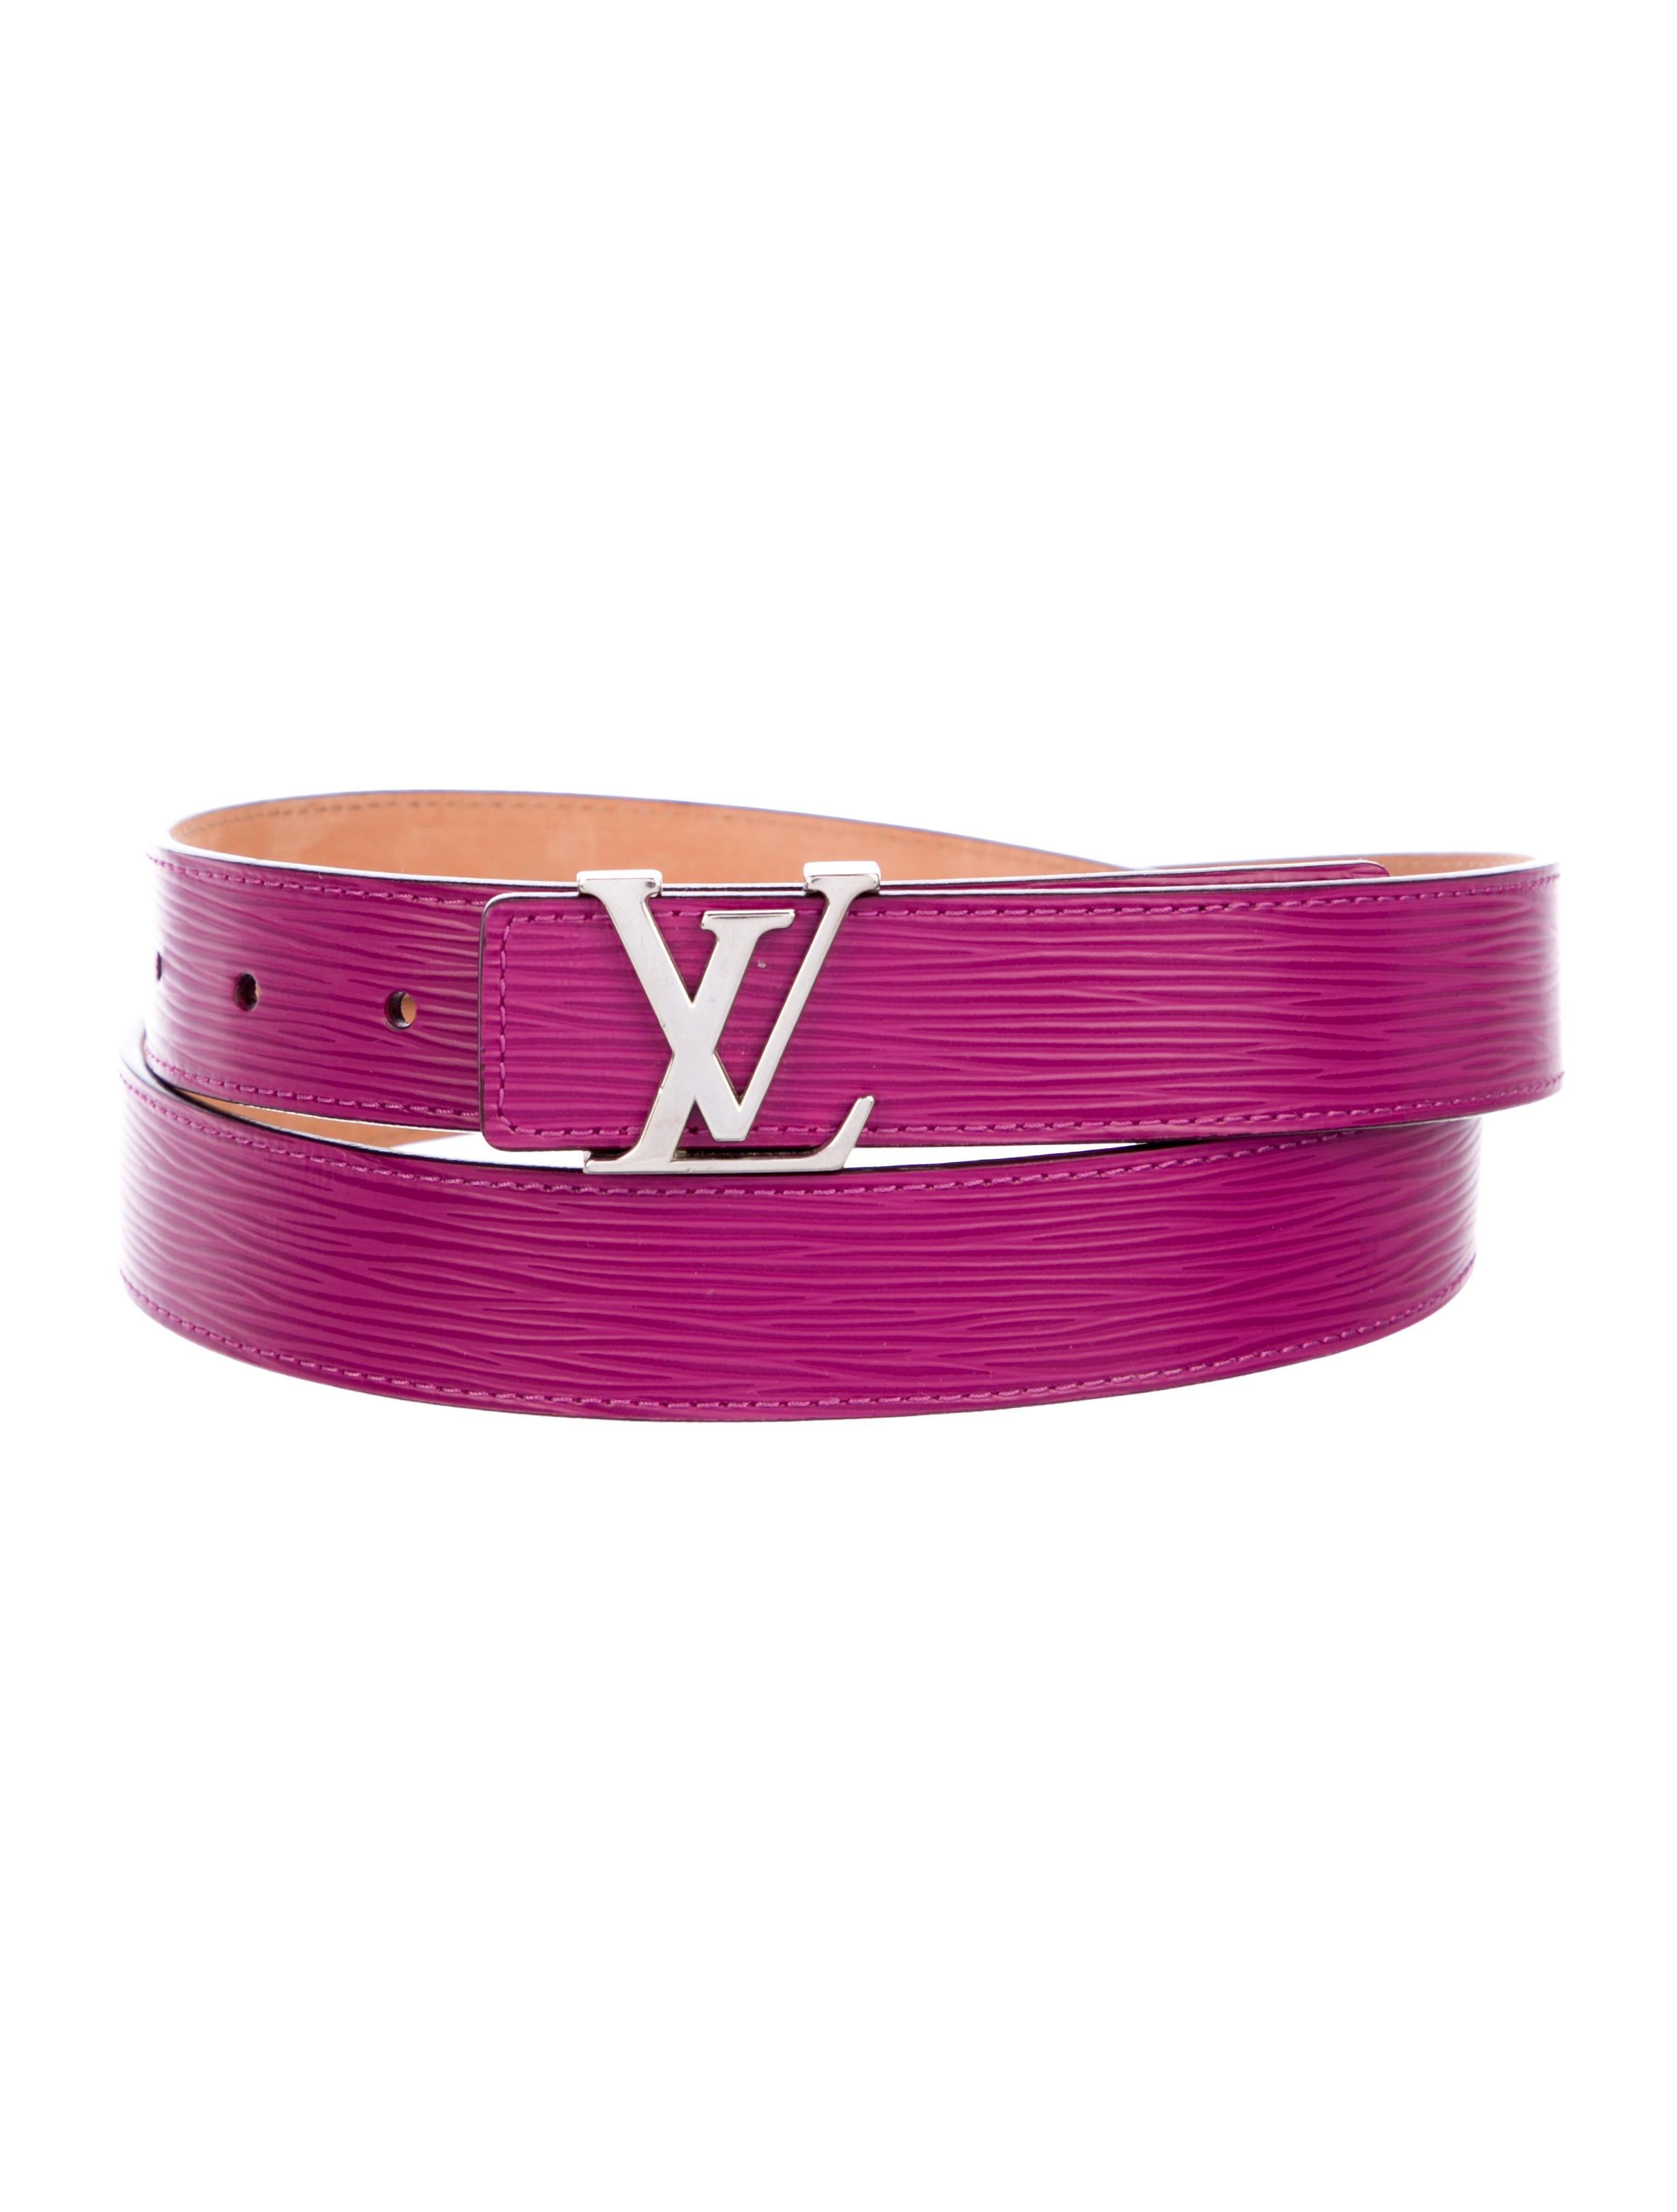 e853d77788f0 Louis Vuitton Epi Initiales 30MM Belt - Accessories - LOU206577 ...